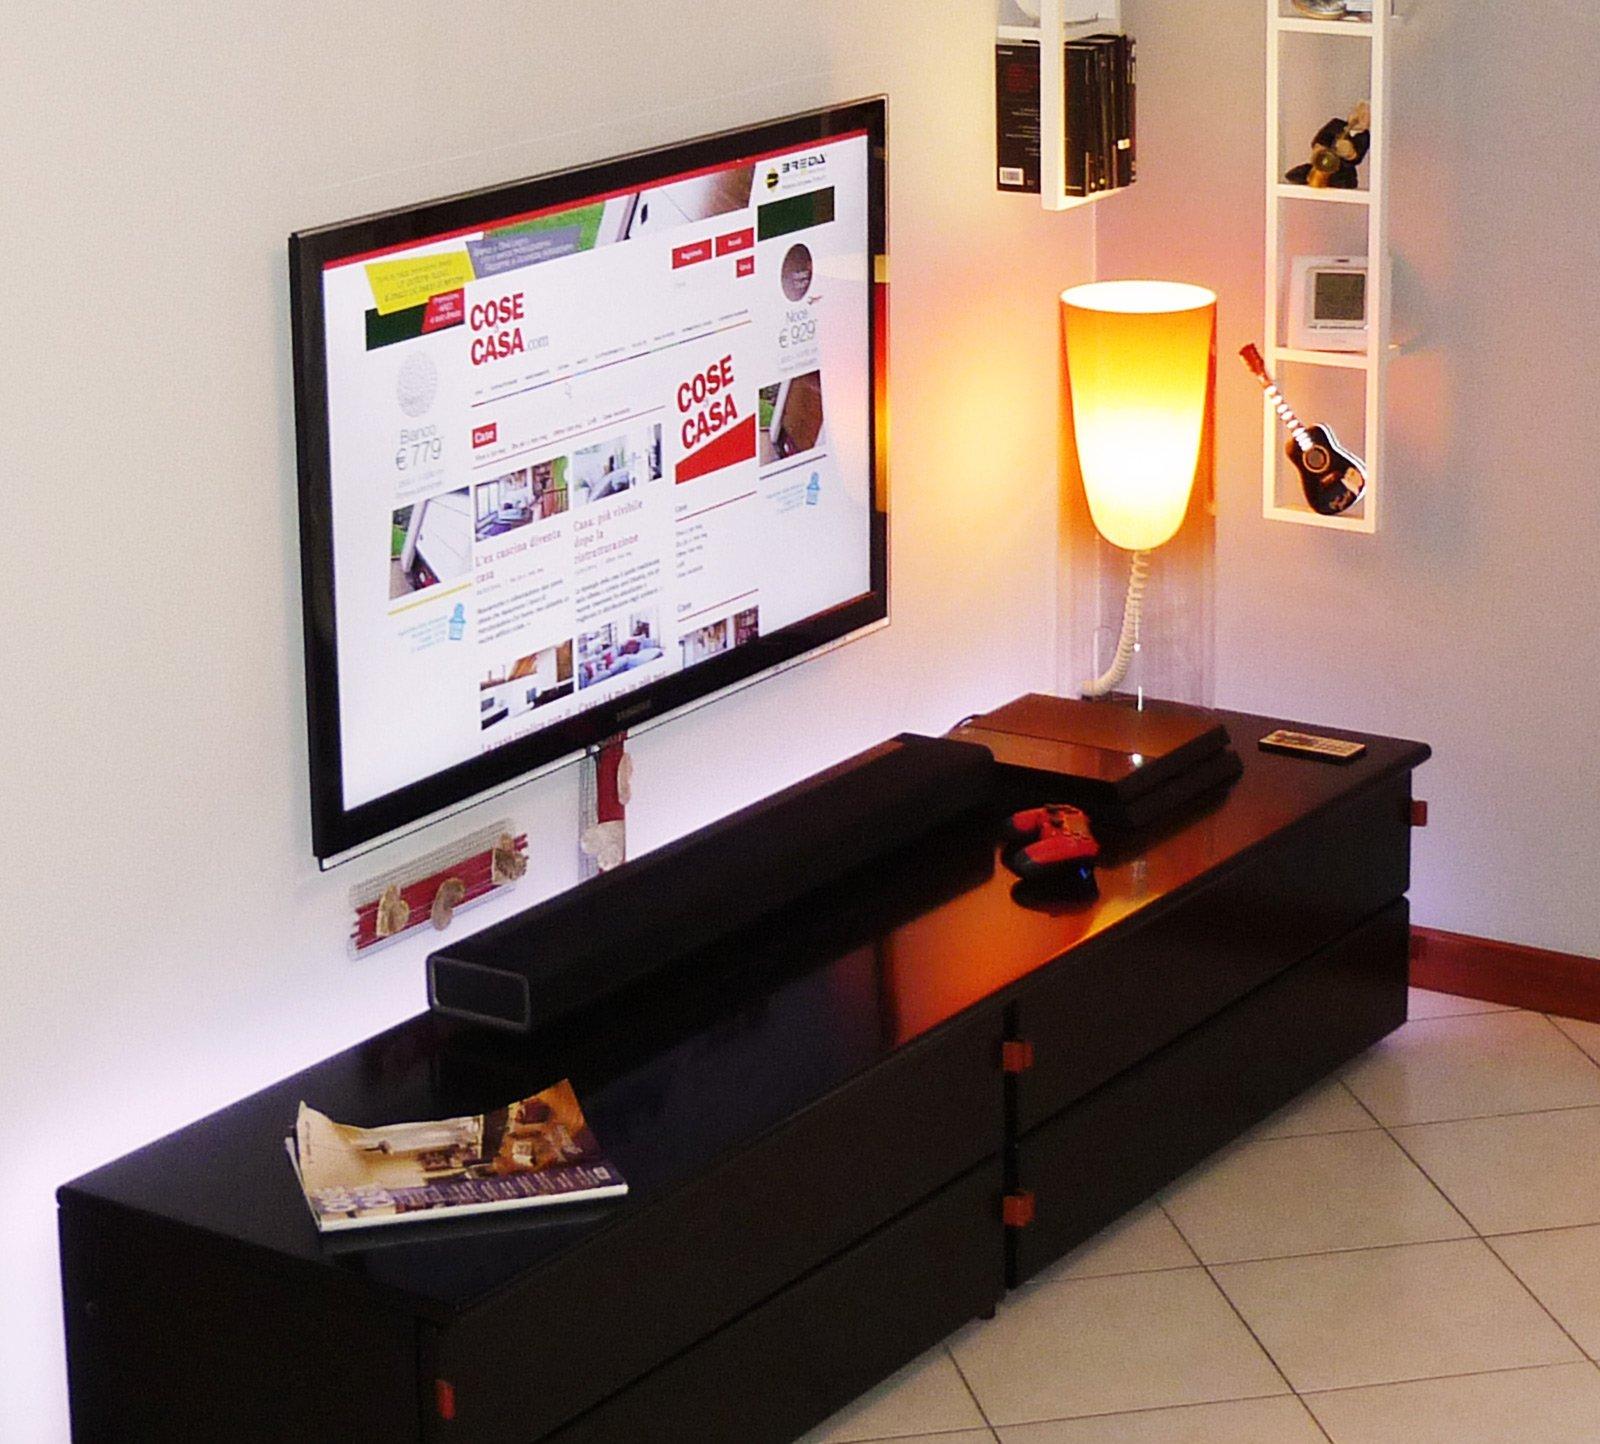 Coprifili Tv Arredamento.Come Nascondere Sulla Parete I Fili Della Tv Cose Di Casa